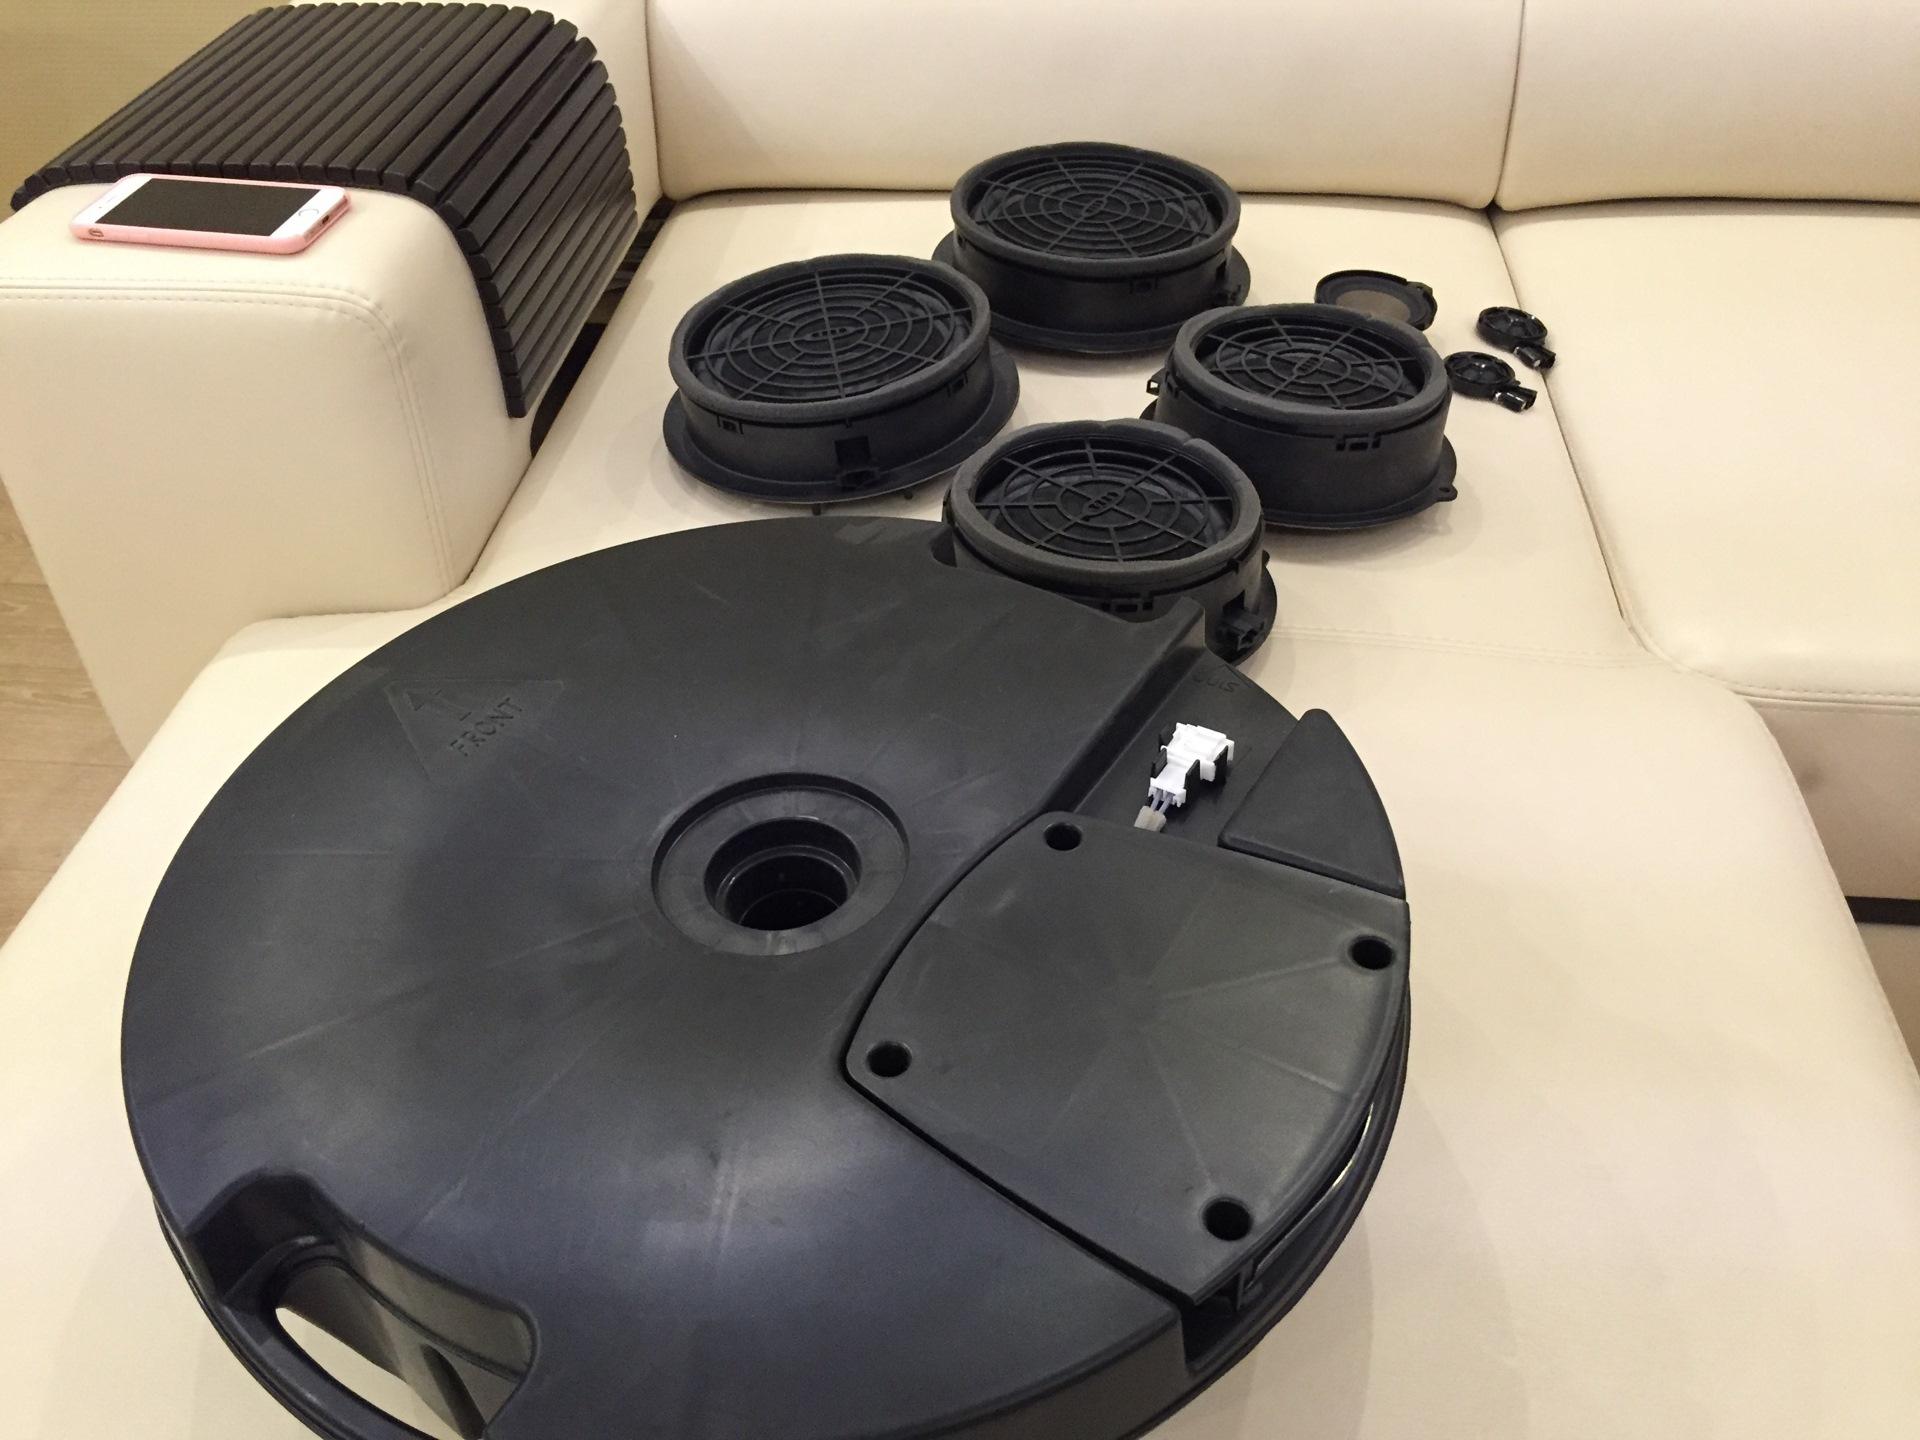 q3 audi sound system. Black Bedroom Furniture Sets. Home Design Ideas